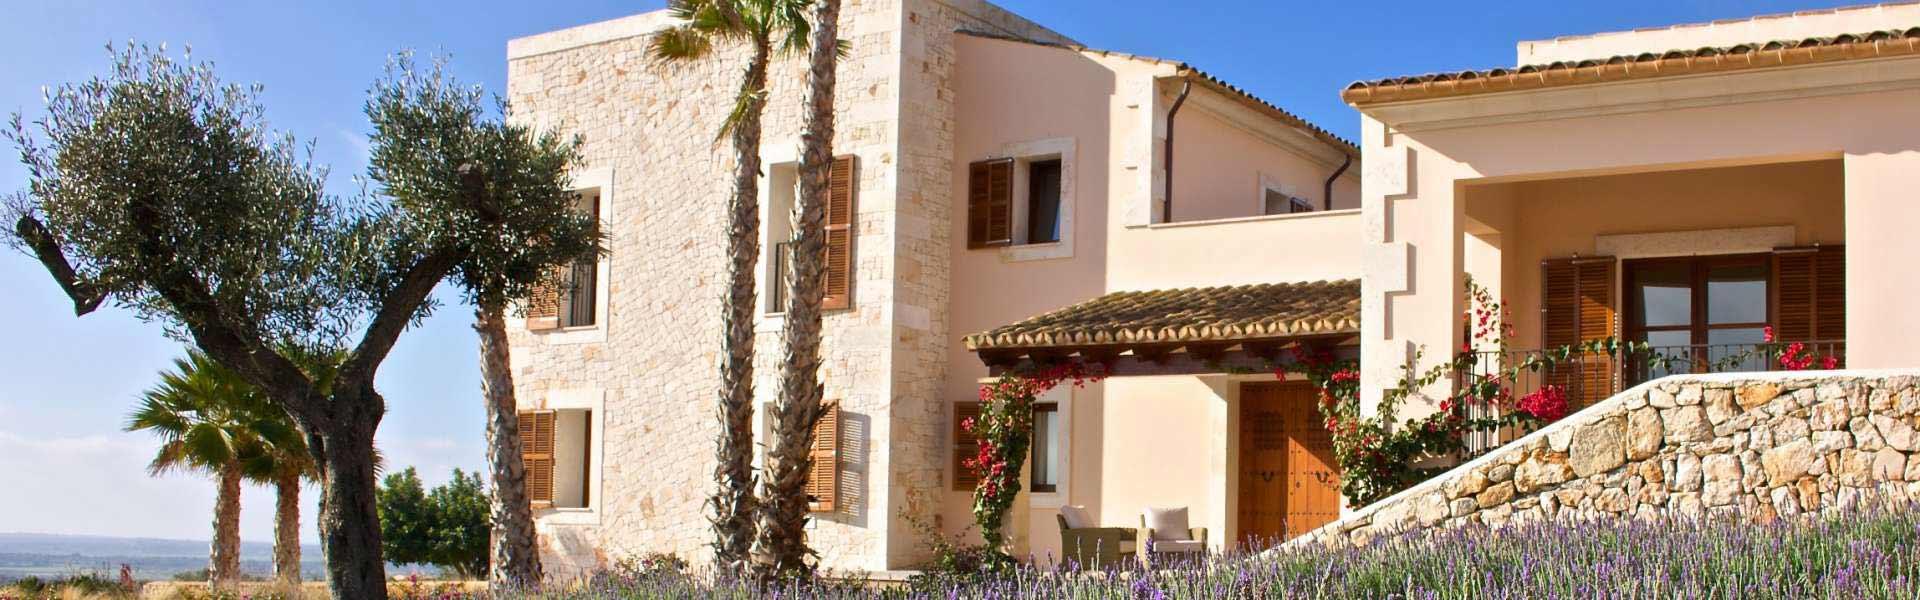 Montemar S.L. Die schönsten Neubau Fincas auf Mallorca